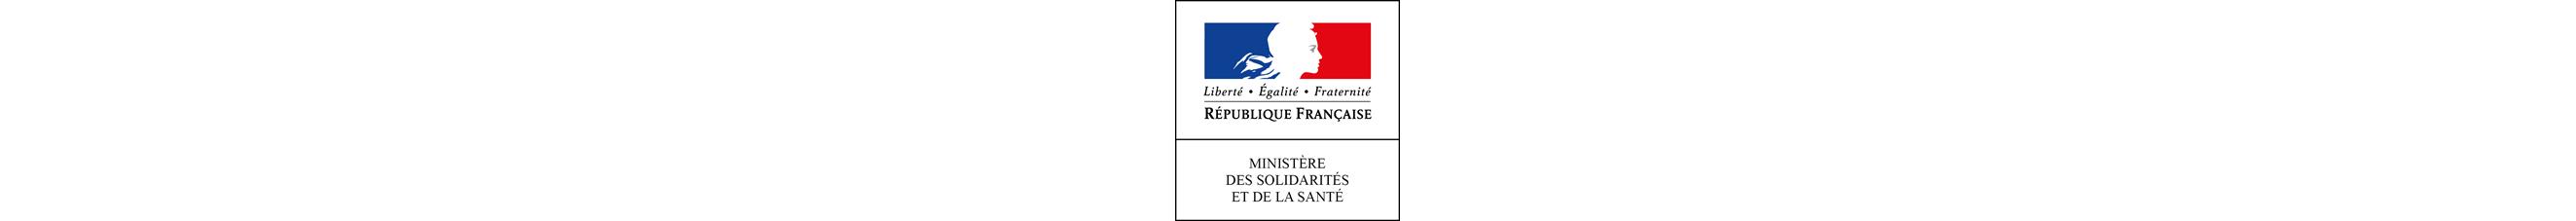 Bandeau_partenaires_2.png